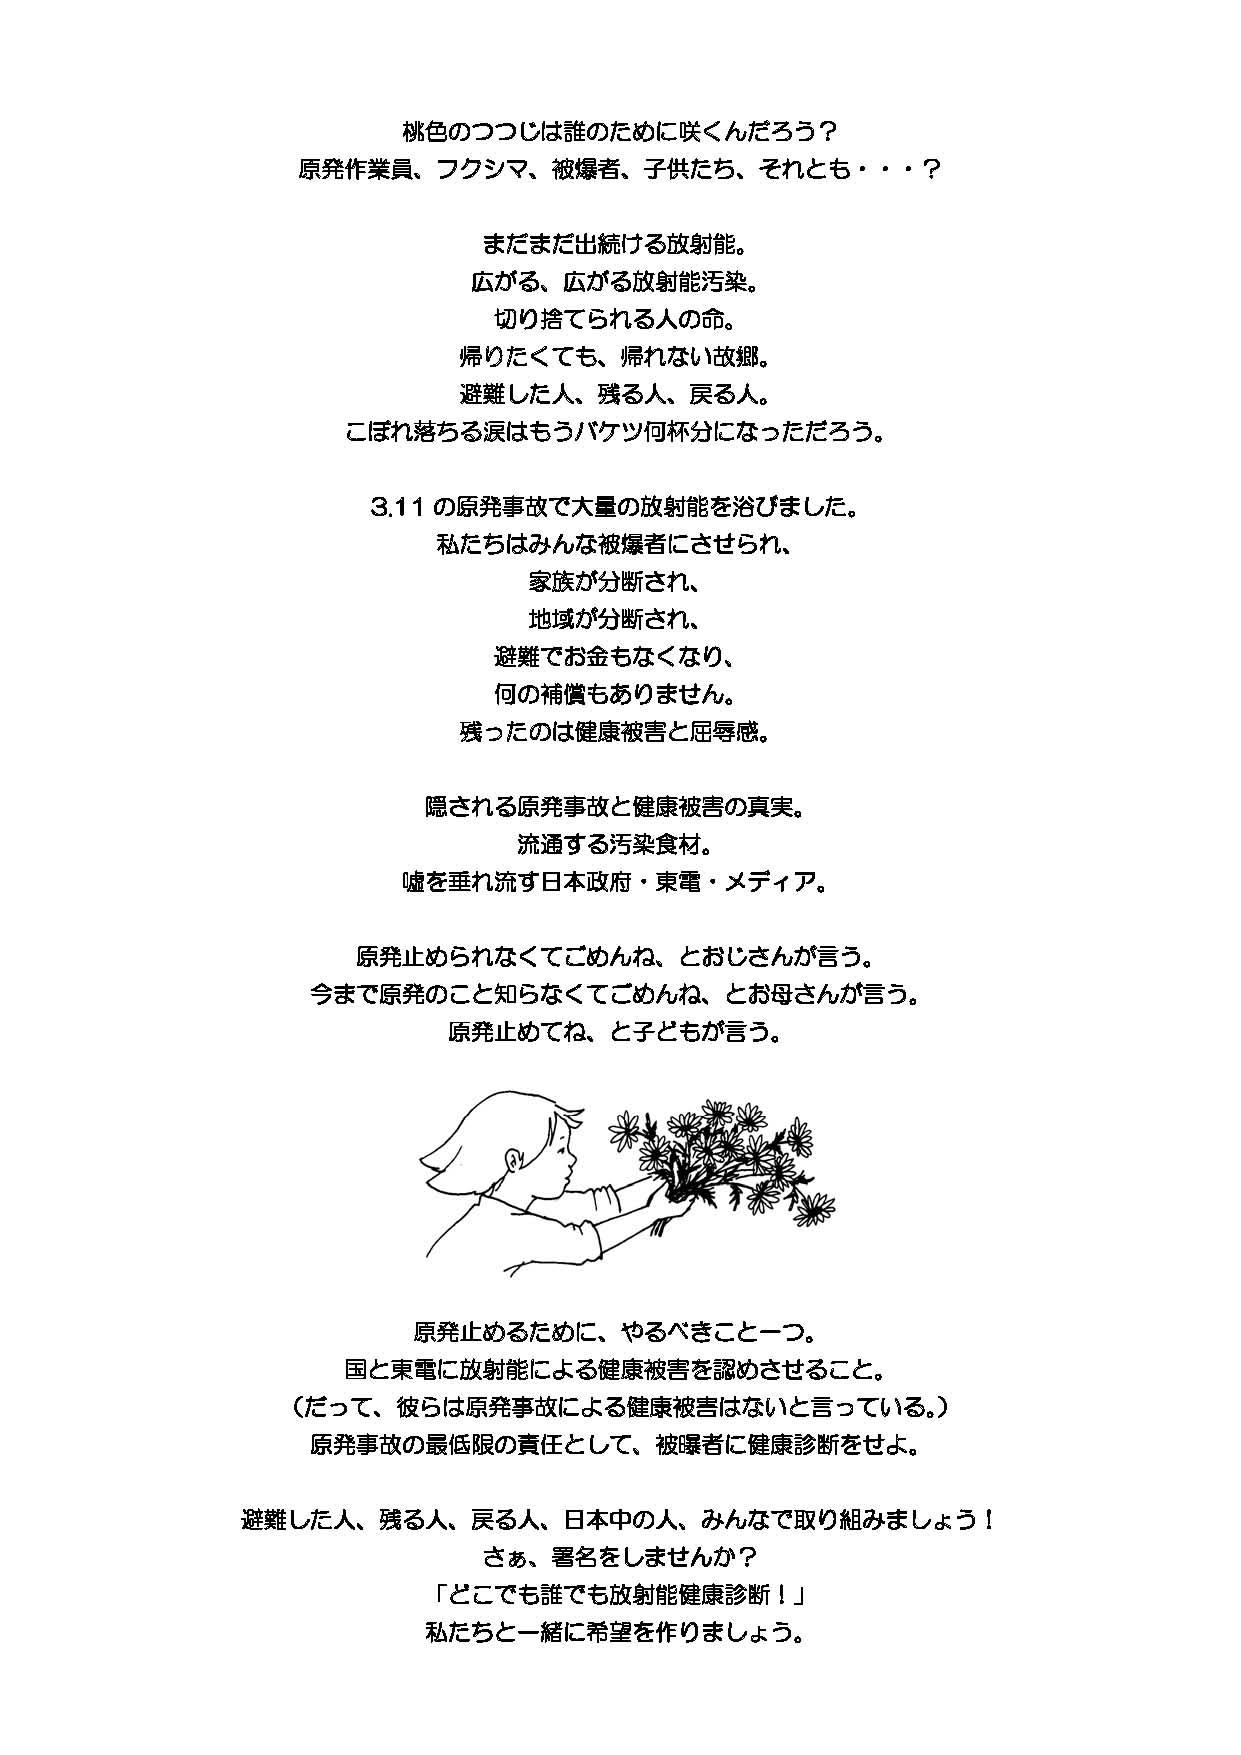 神戸公聴会のちらし【改訂版】_ページ_2